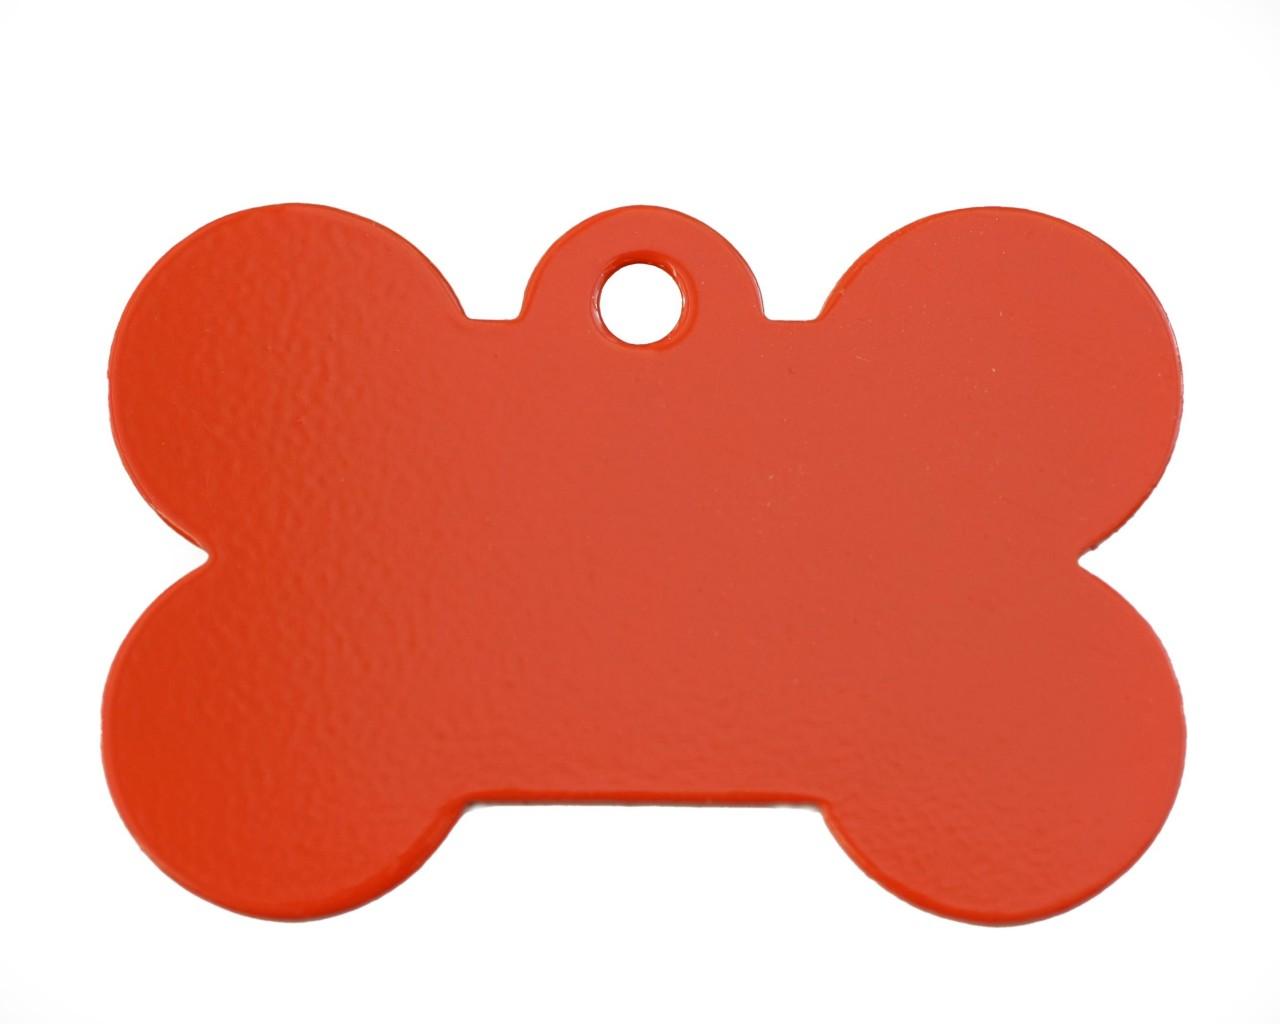 Bone dog tag clip art